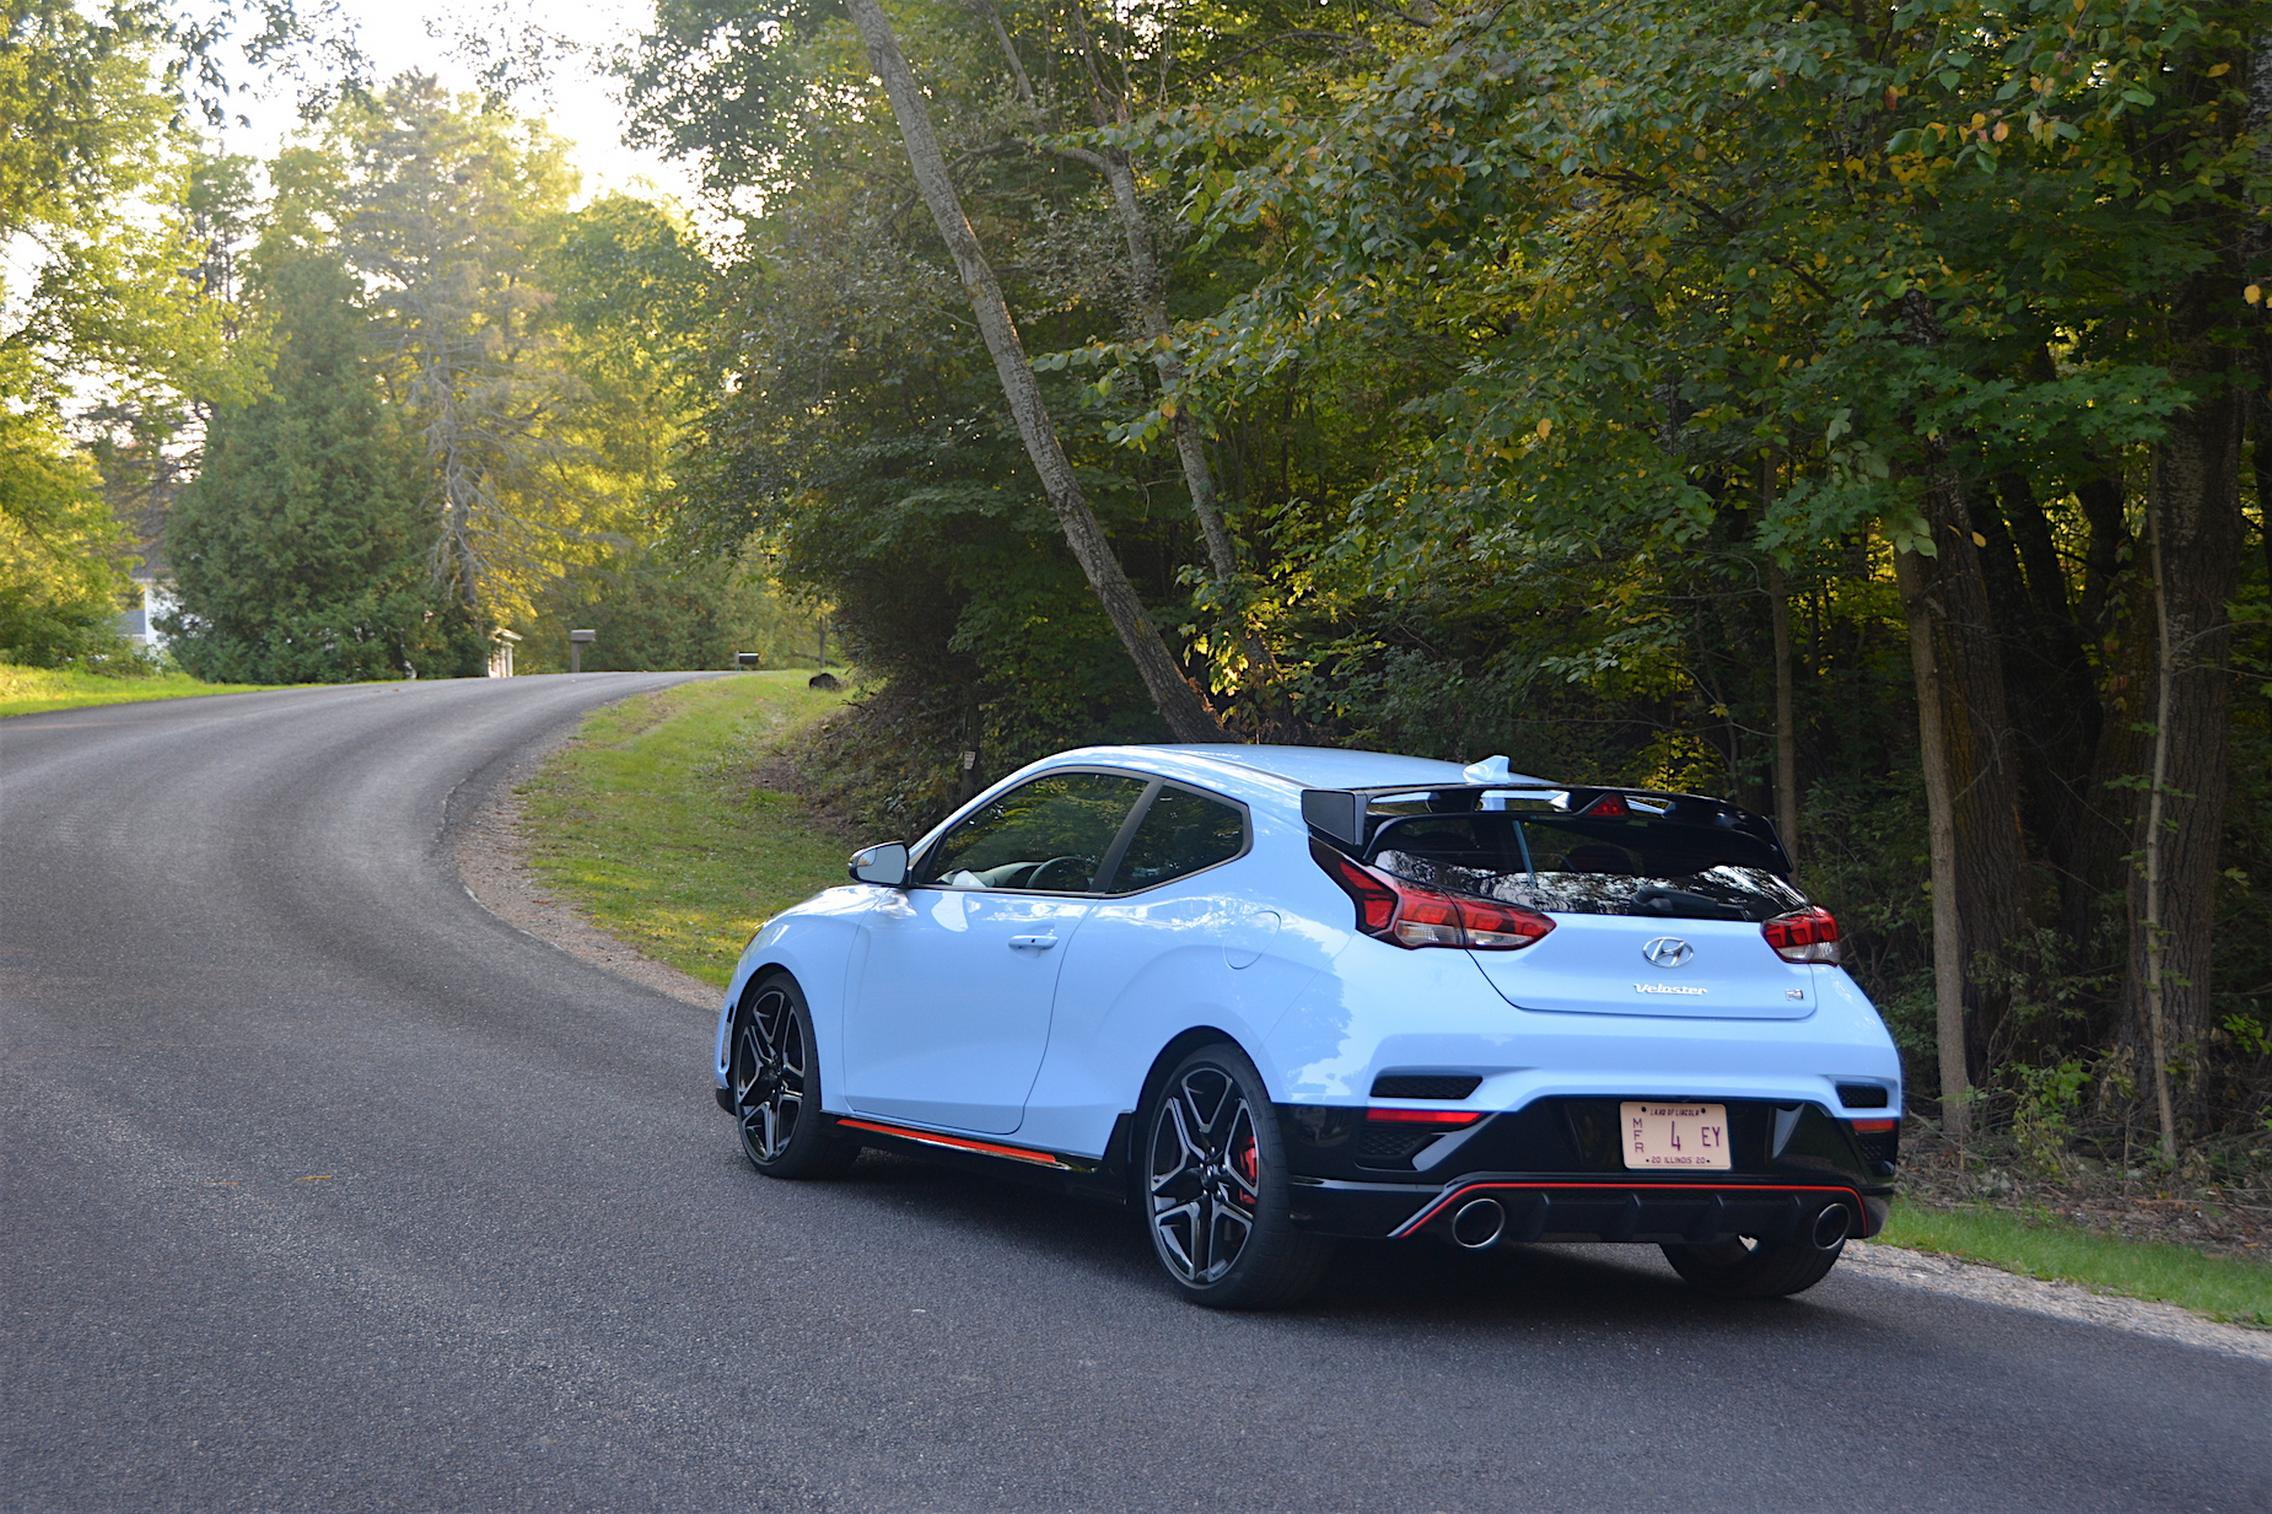 2020 Hyundai i30 N